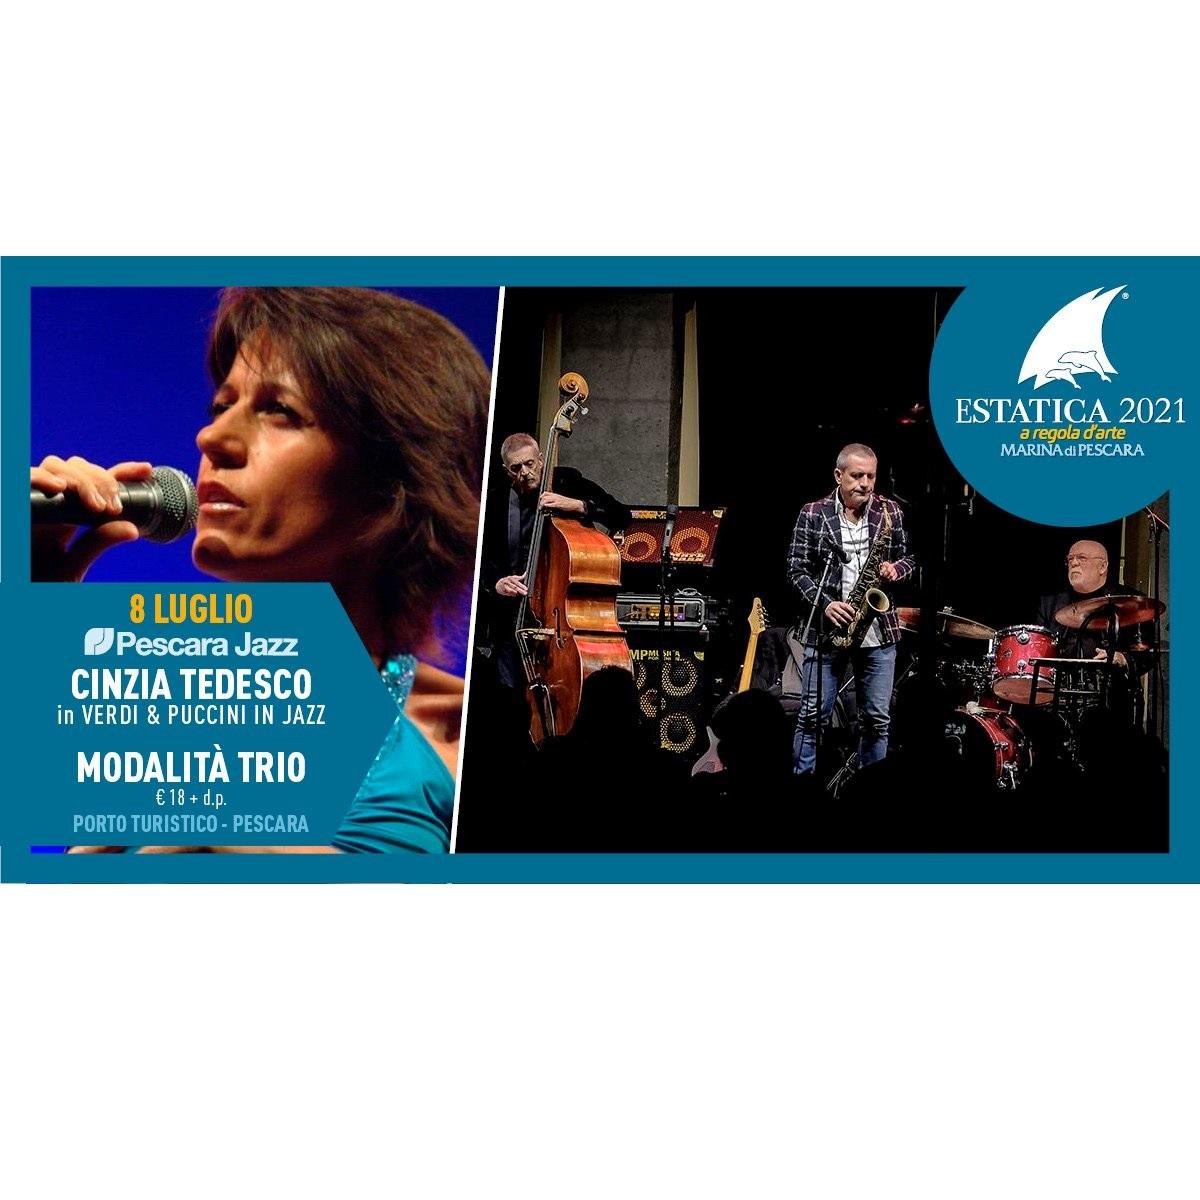 Verdi & Puccini in Jazz 8 luglio 2021 foto